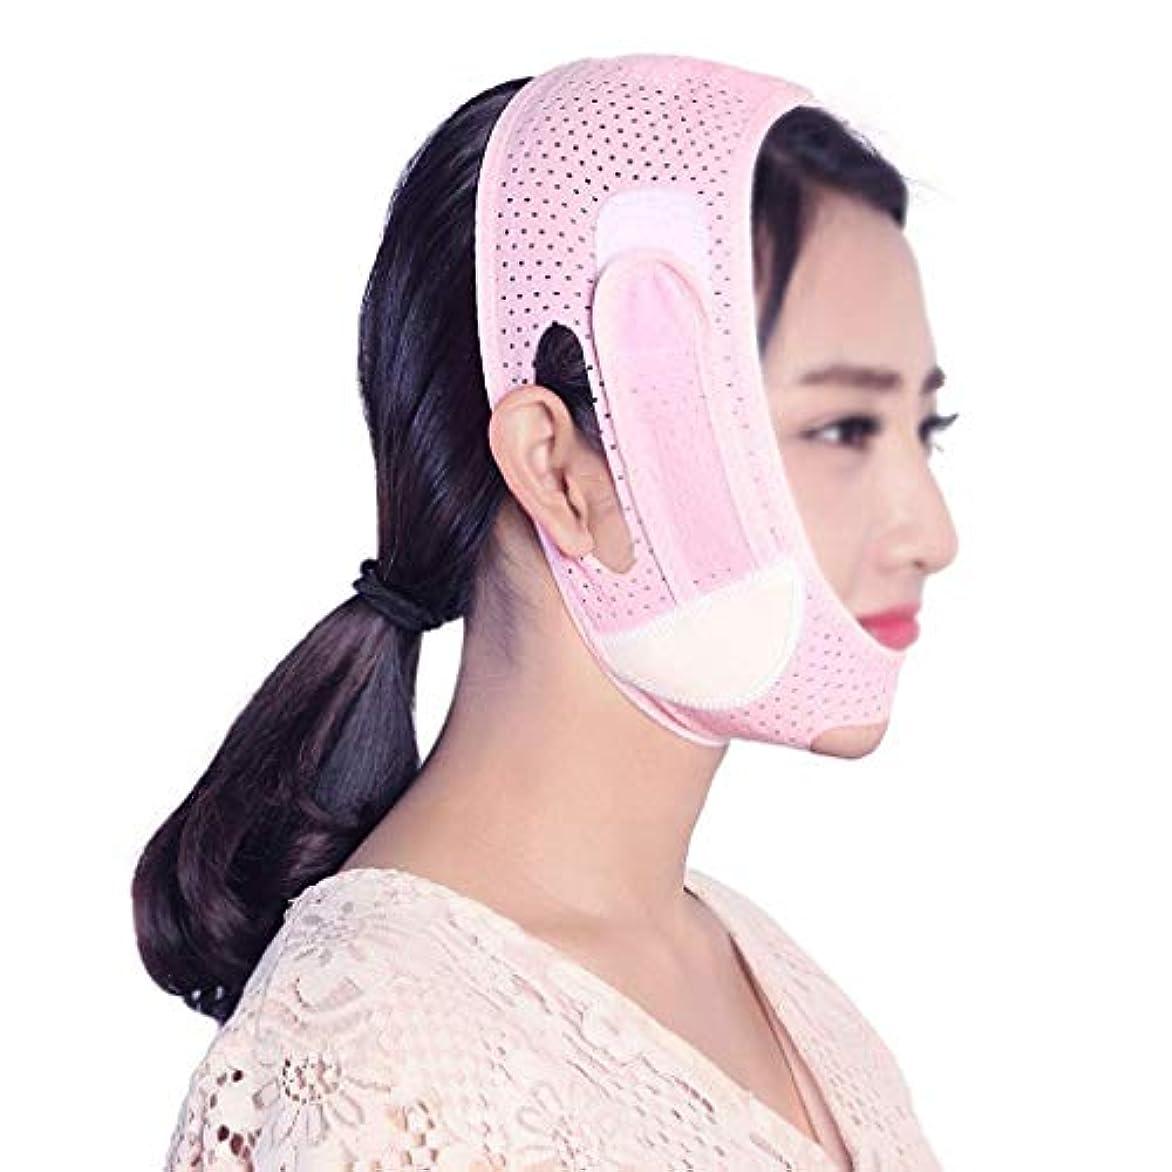 人形ヘビ廃棄するフェイスリフトマスク、スモールVフェイスバンデージシェーピングマスクリフトフェイスファーミングアーティファクトによるダブルチンの削減